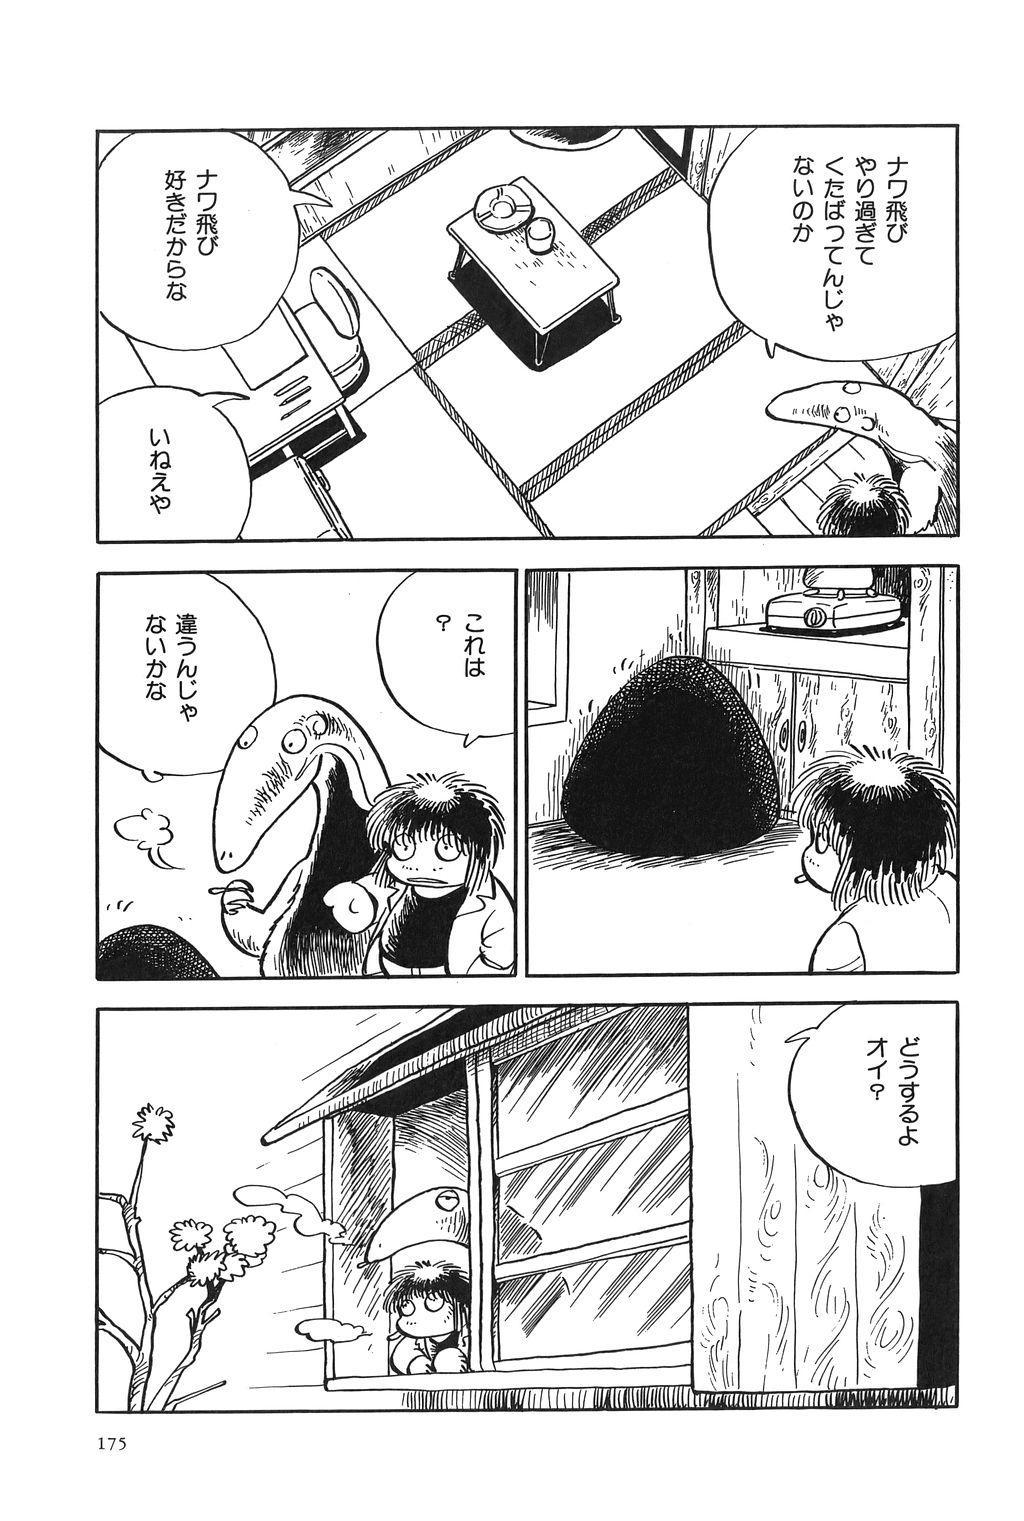 Azuma Hideo Sakuhin Shuusei - Yoru no Tobari no Naka de 177